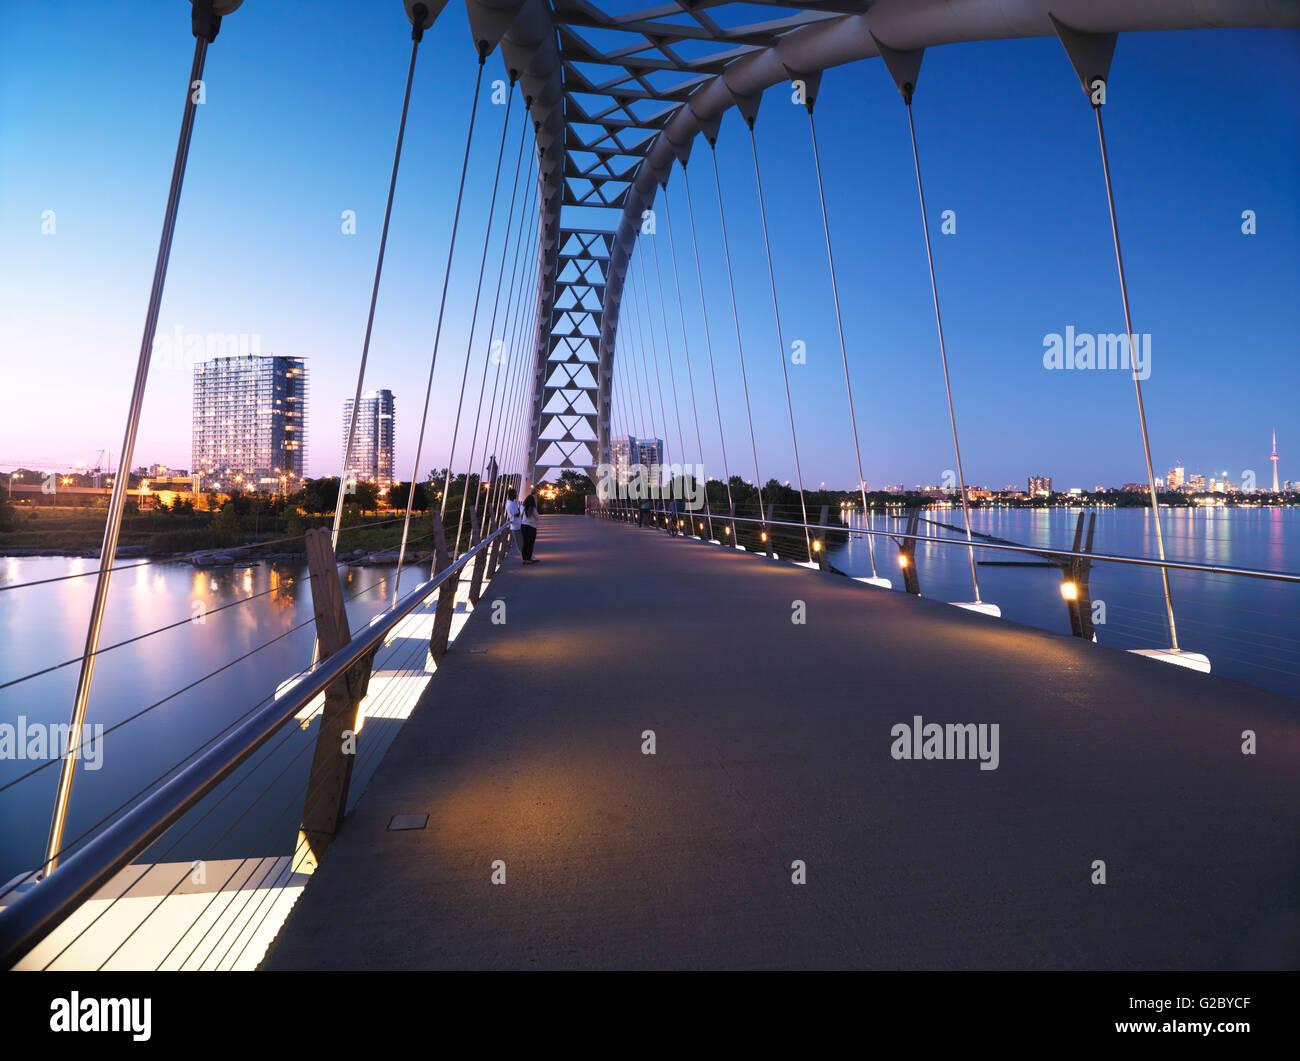 Fiume Humber ponte di Arco, Toronto, Provincia di Ontario, Canada Immagini Stock